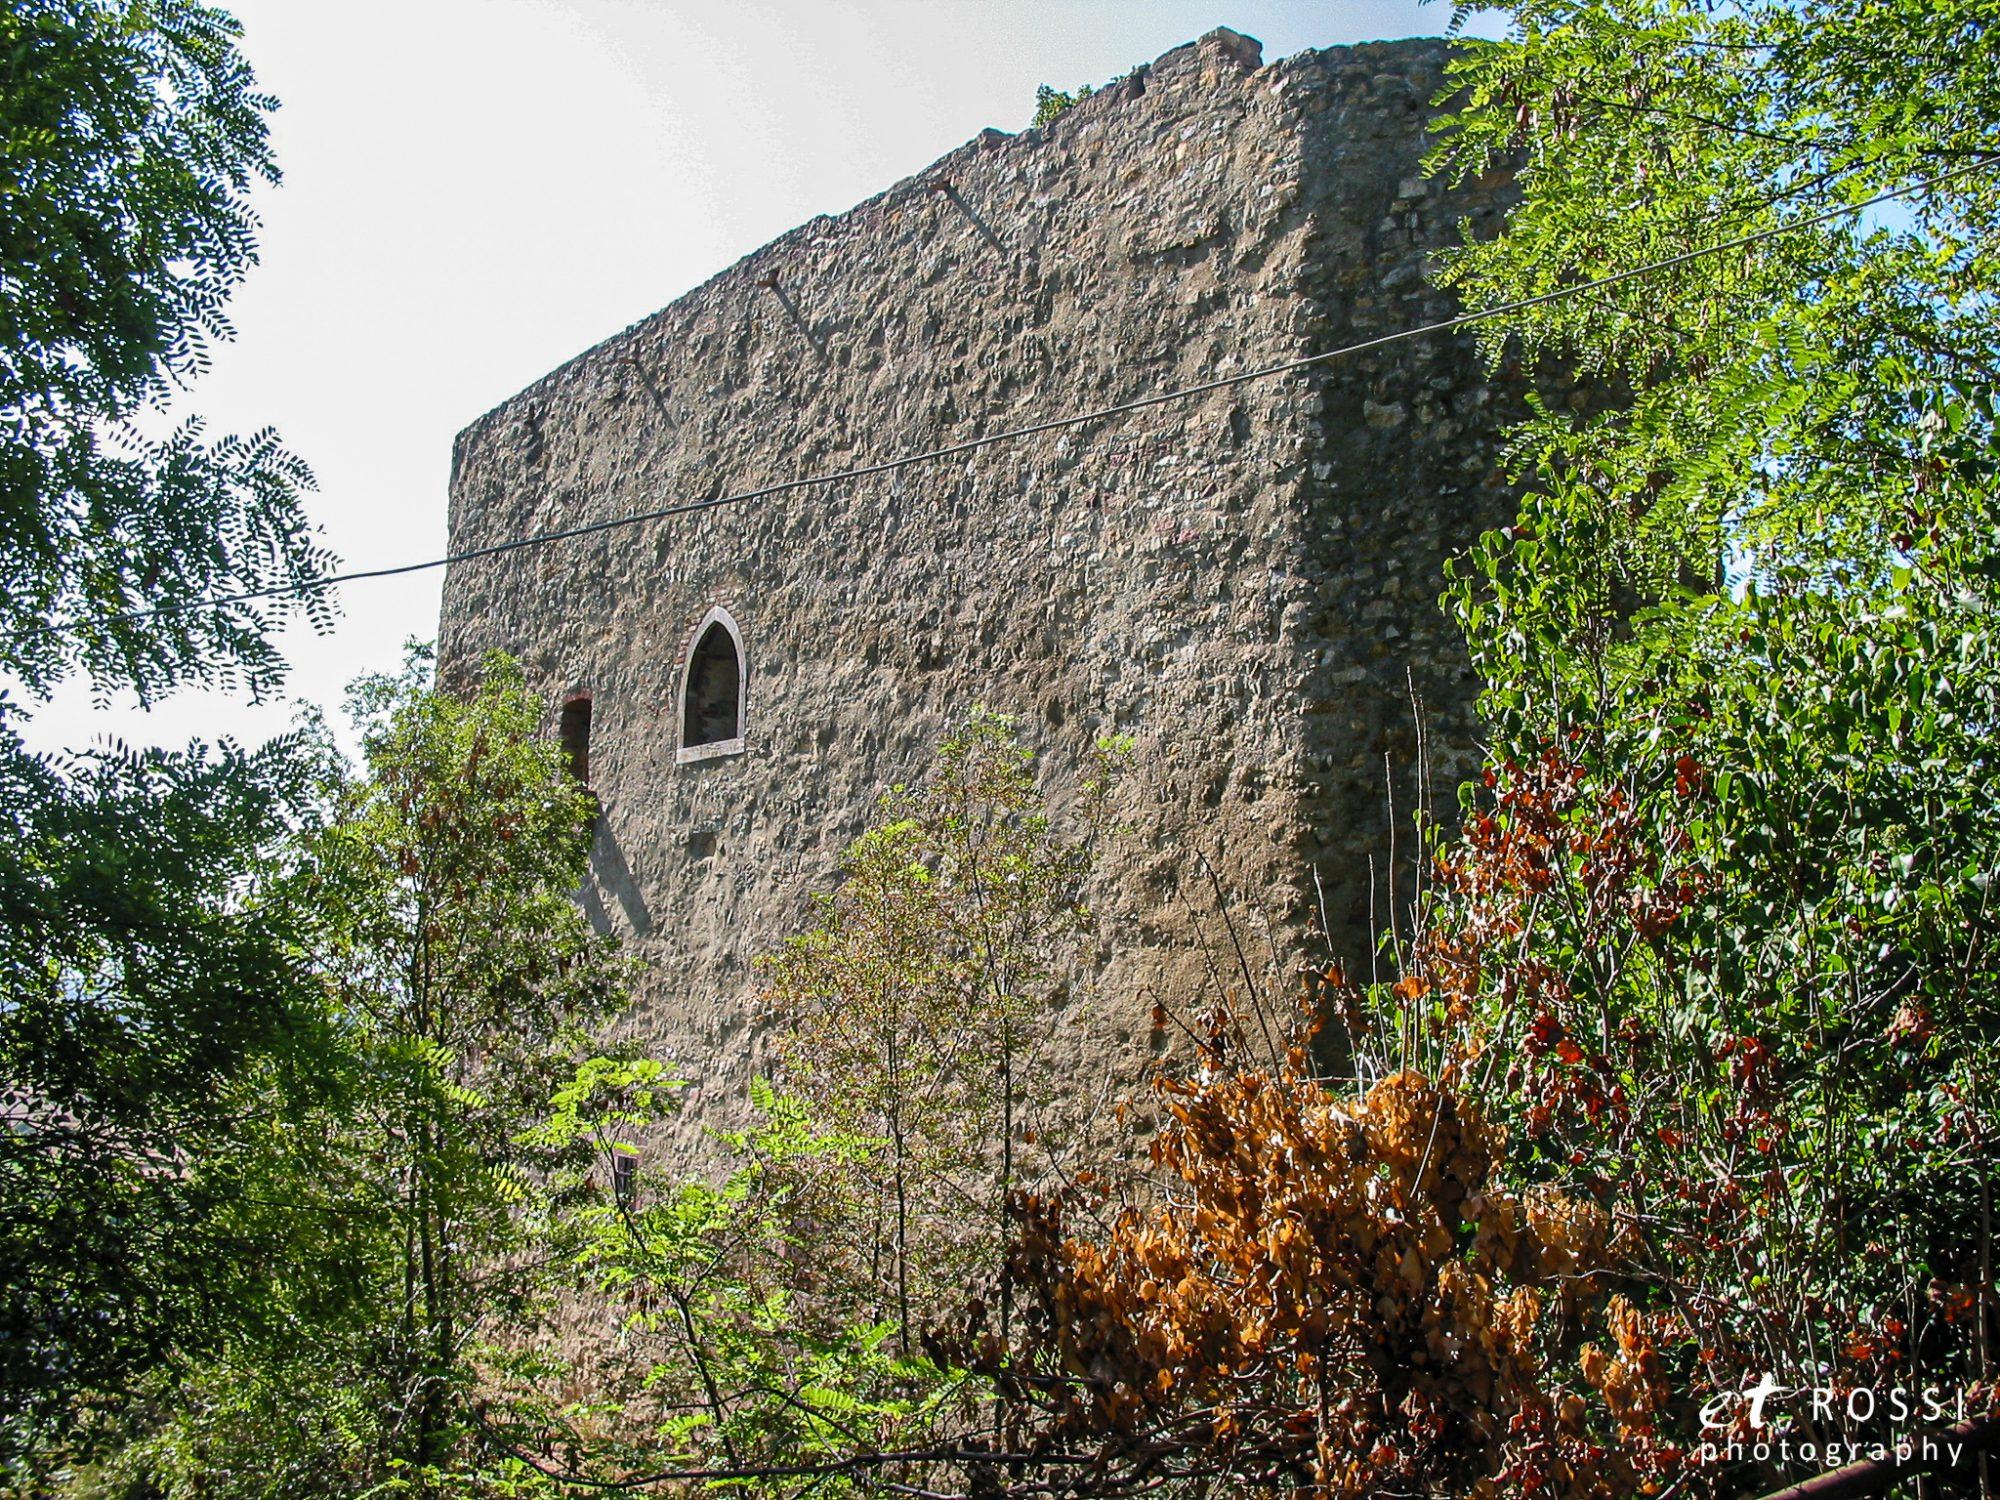 Lichteneck 2003 0035 - Burg Lichteneck